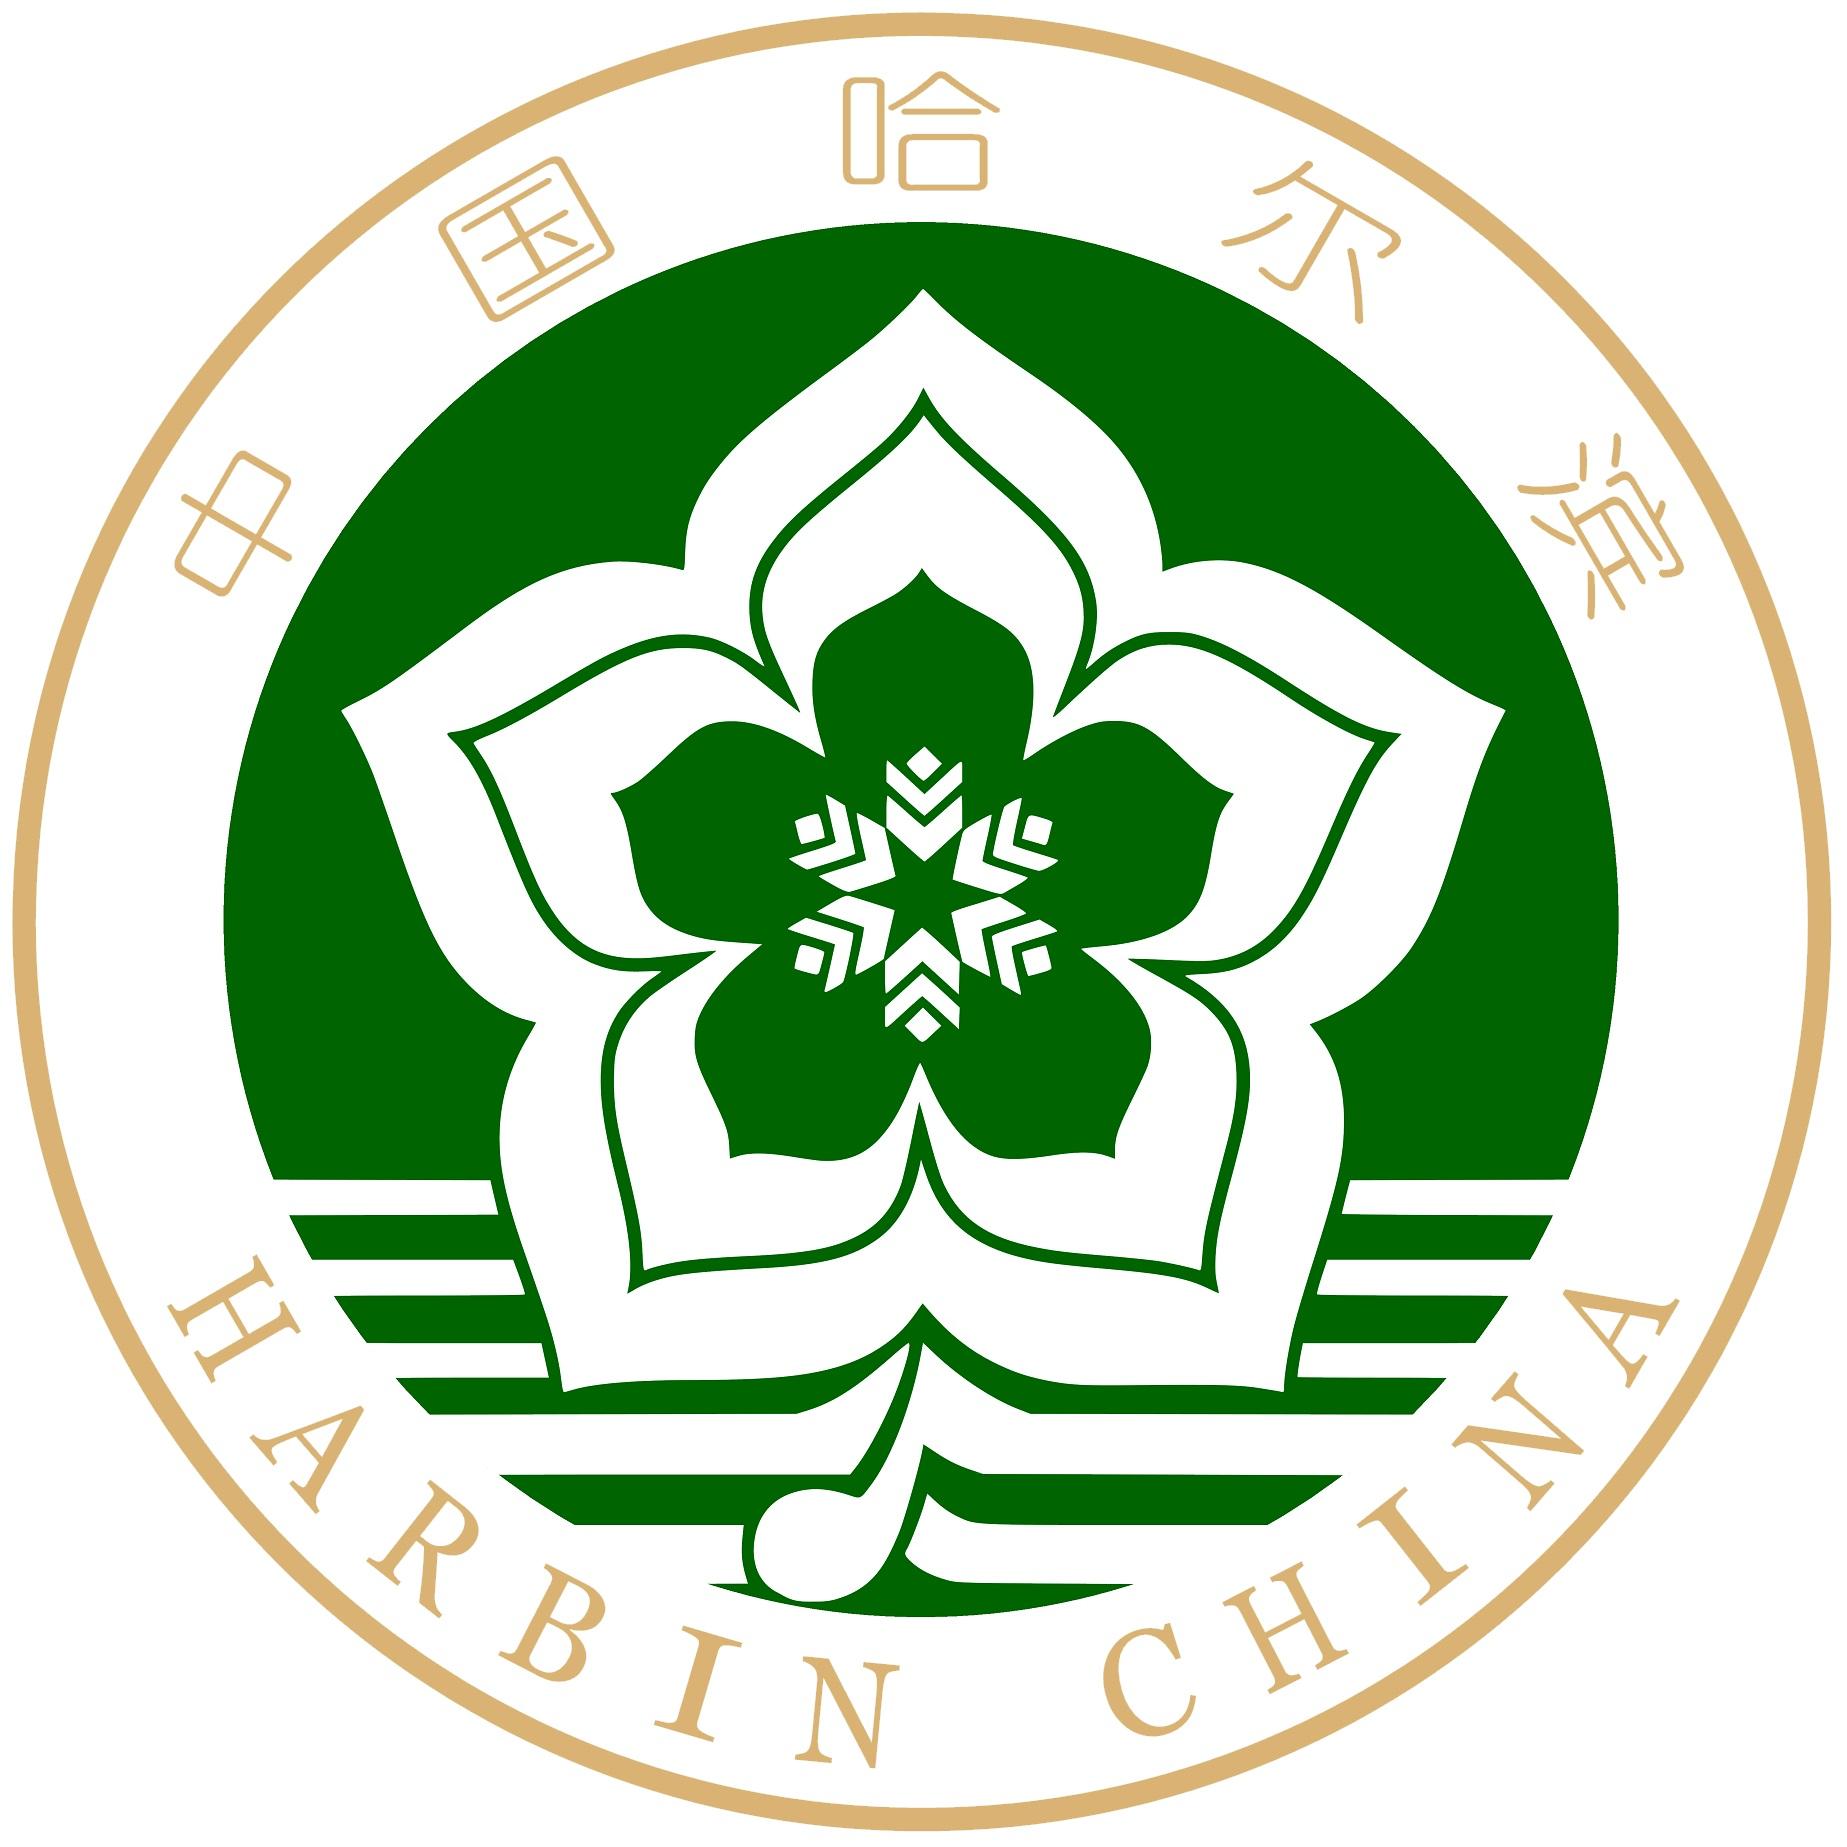 Depiction of Harbin